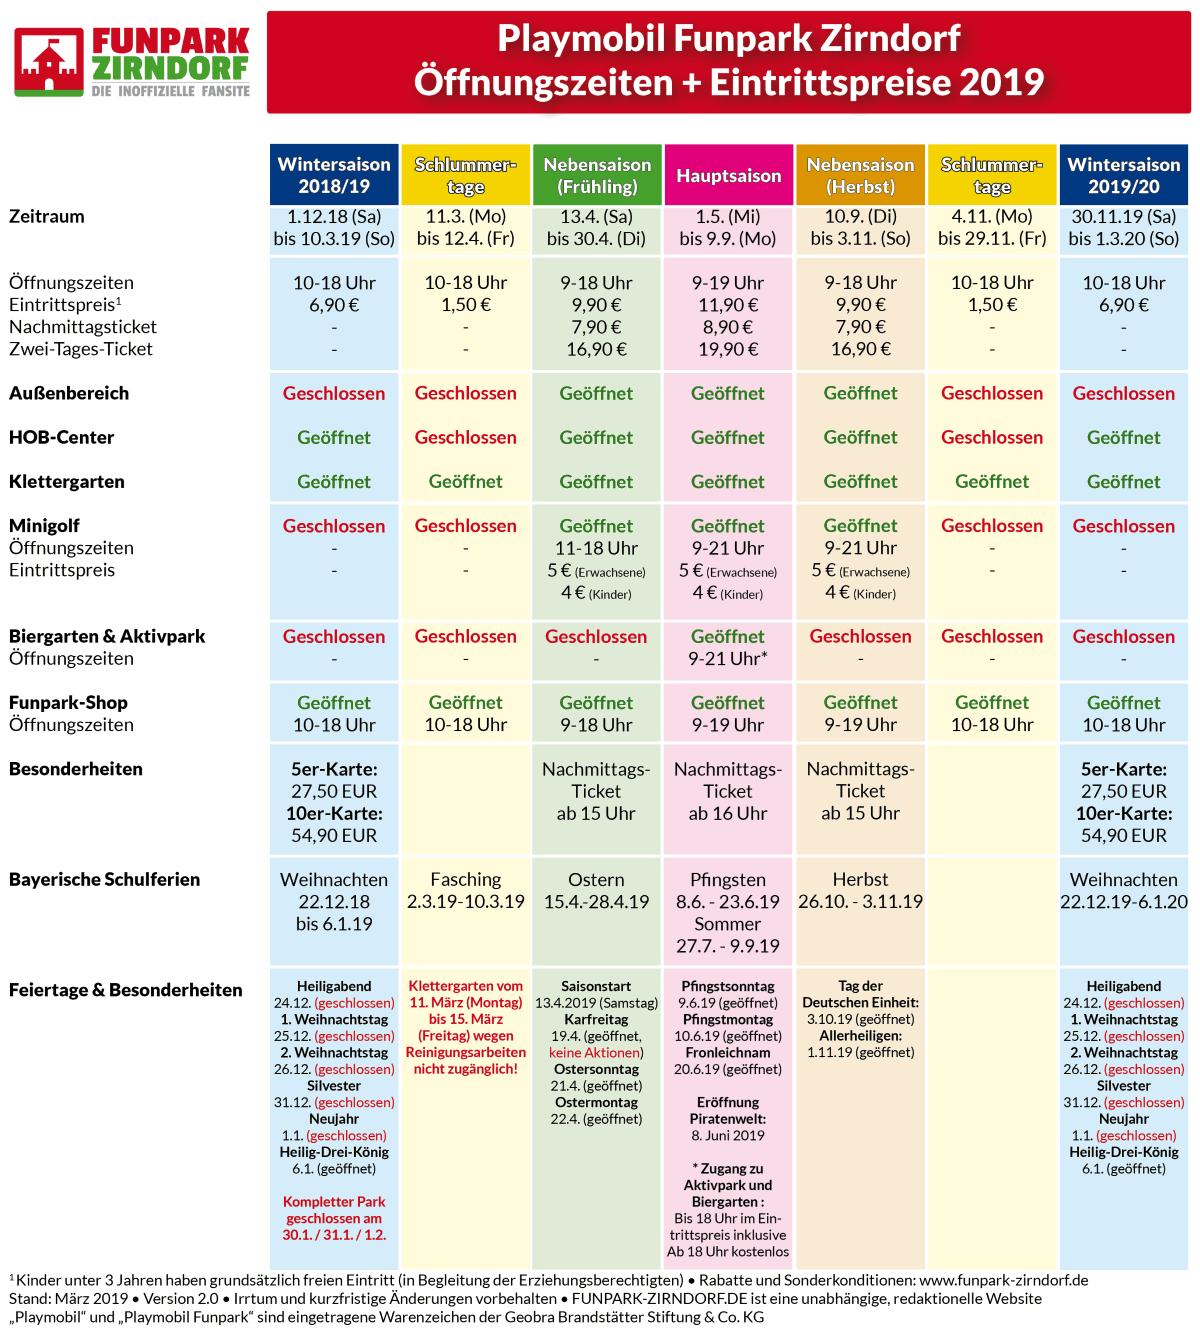 Die Tabelle zeigt die Playmobil Funpark Öffnungszeiten 2019 sowie die Eintrittspreise (Stand: März 2019 / Irrtum und Änderungen vorbehalten)